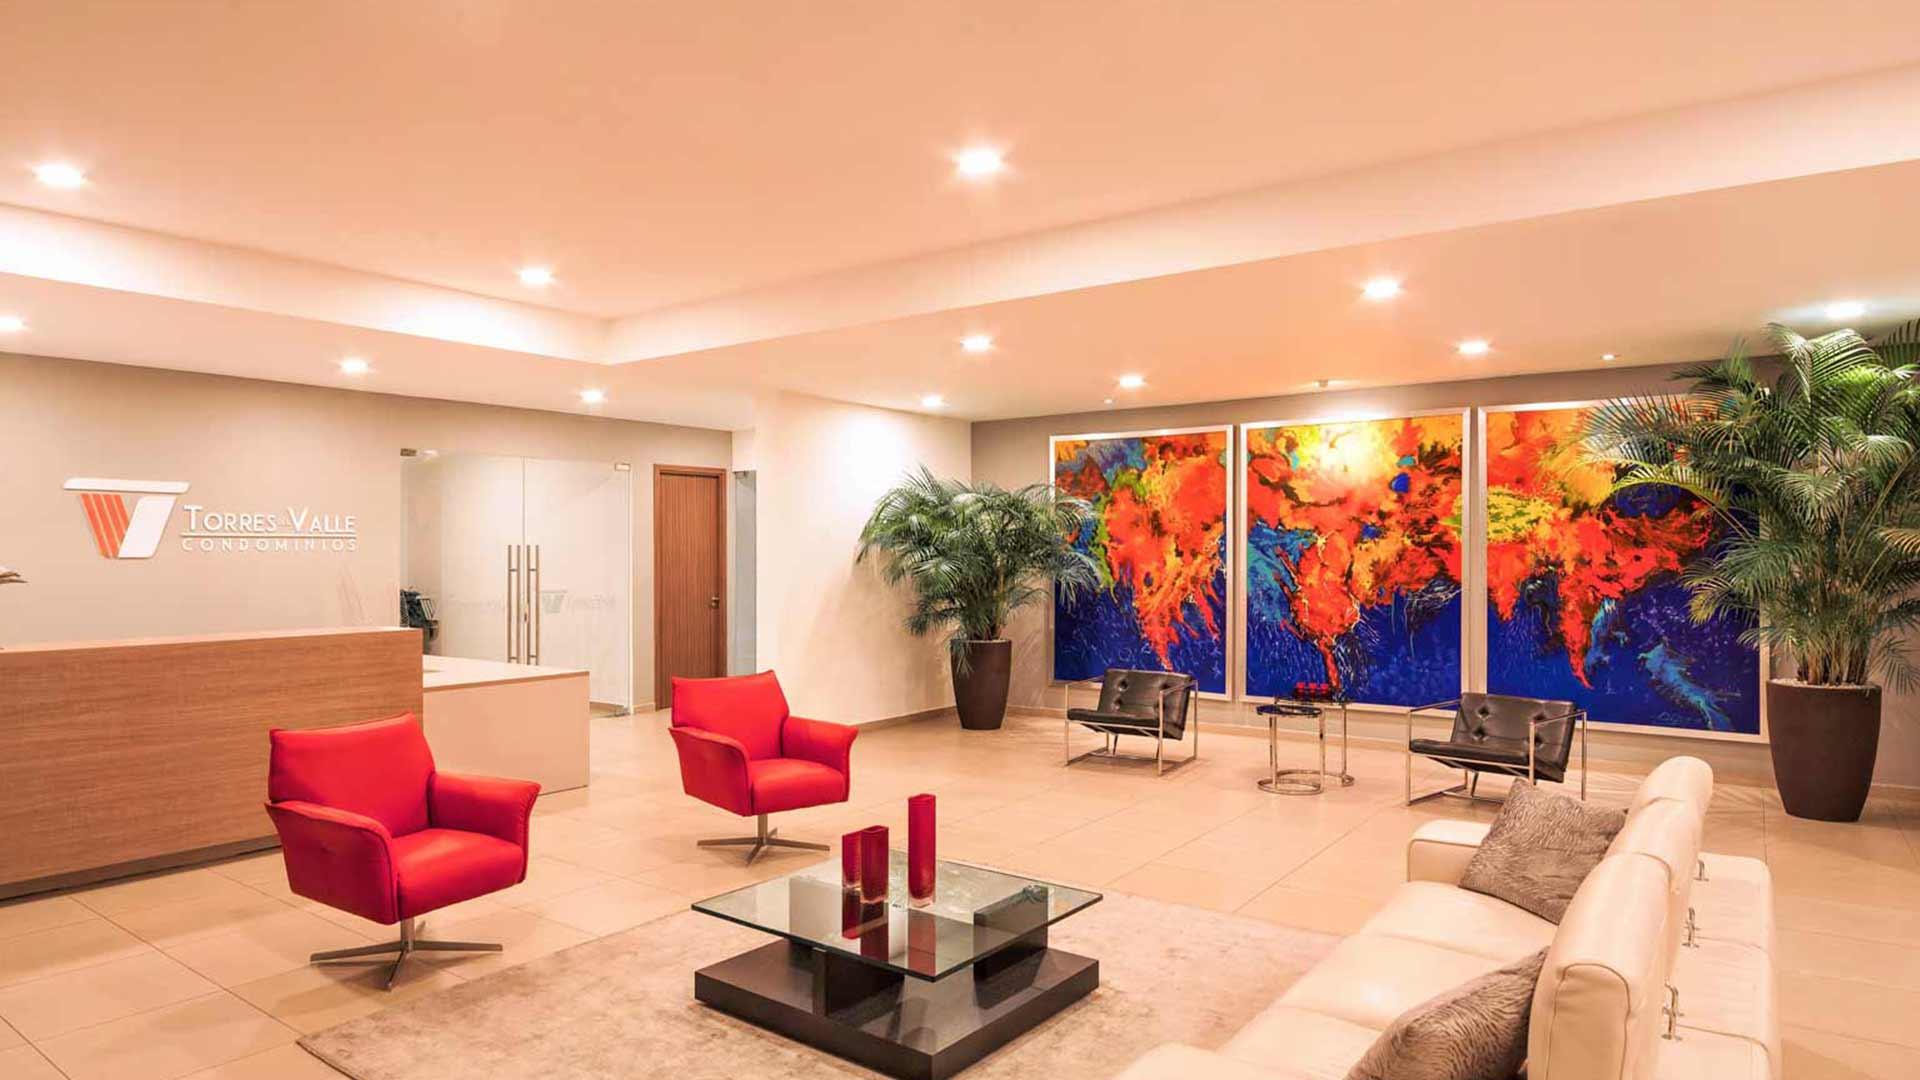 Lobby principal del Condominio Torres Del Valle · Vive con estilo en San Pedro Sula, Honduras.